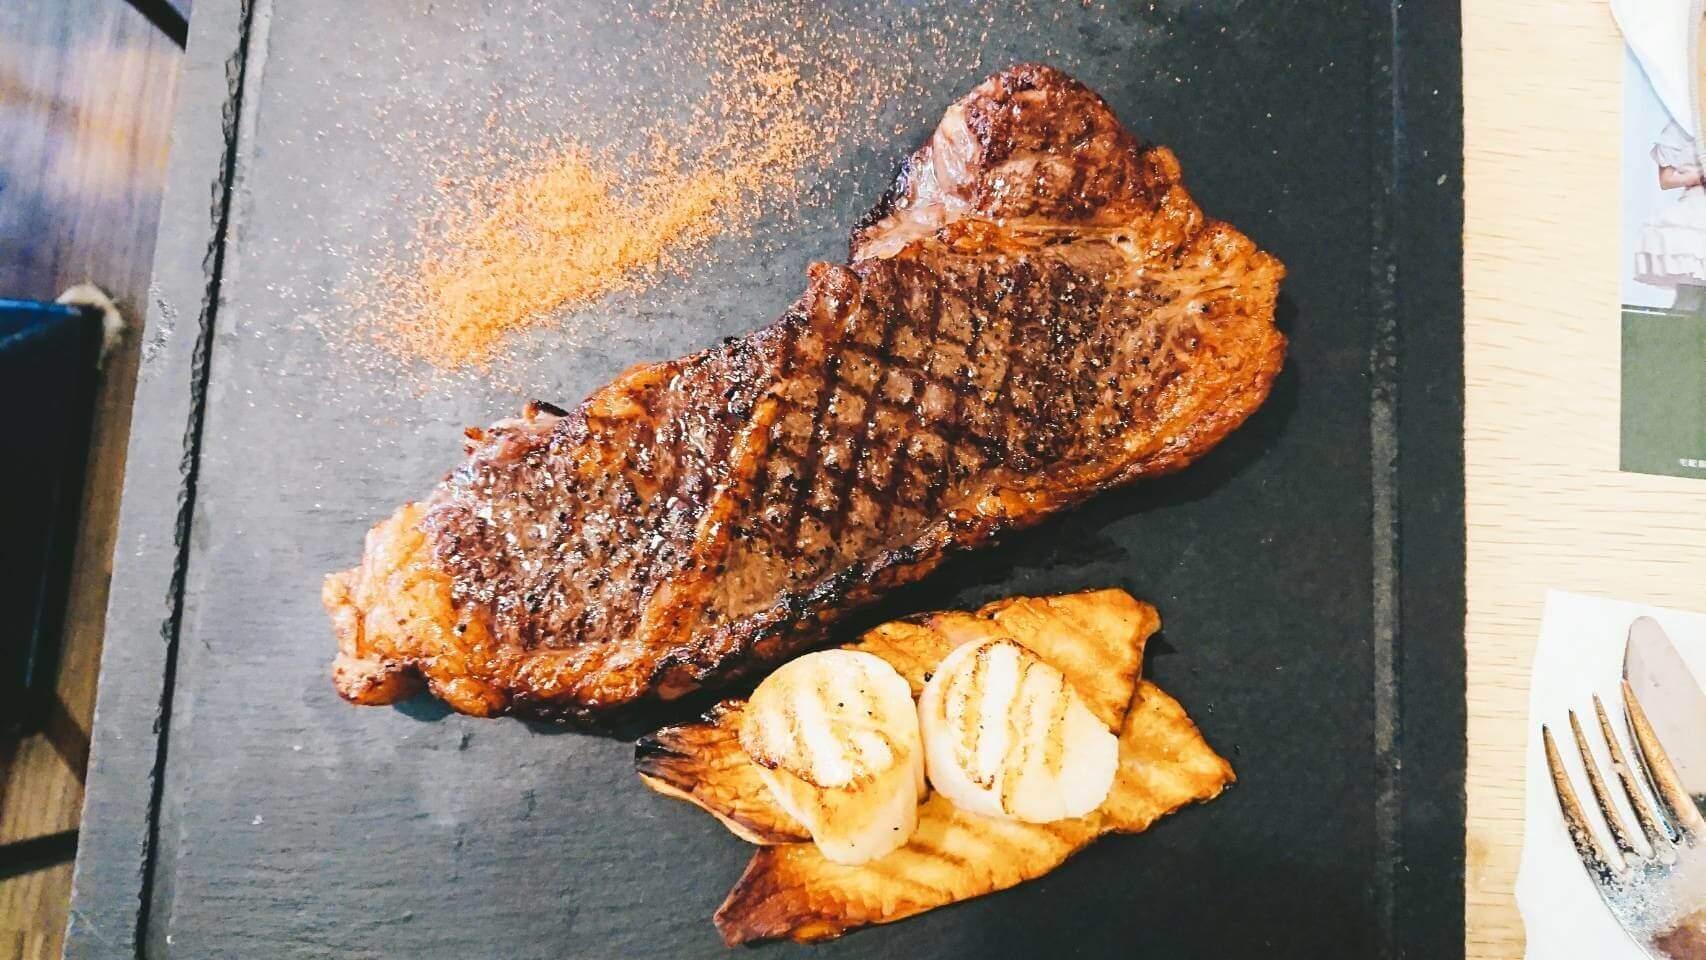 【花蓮市區】傑米料理–用料實在且別出心裁的美味無菜單料理